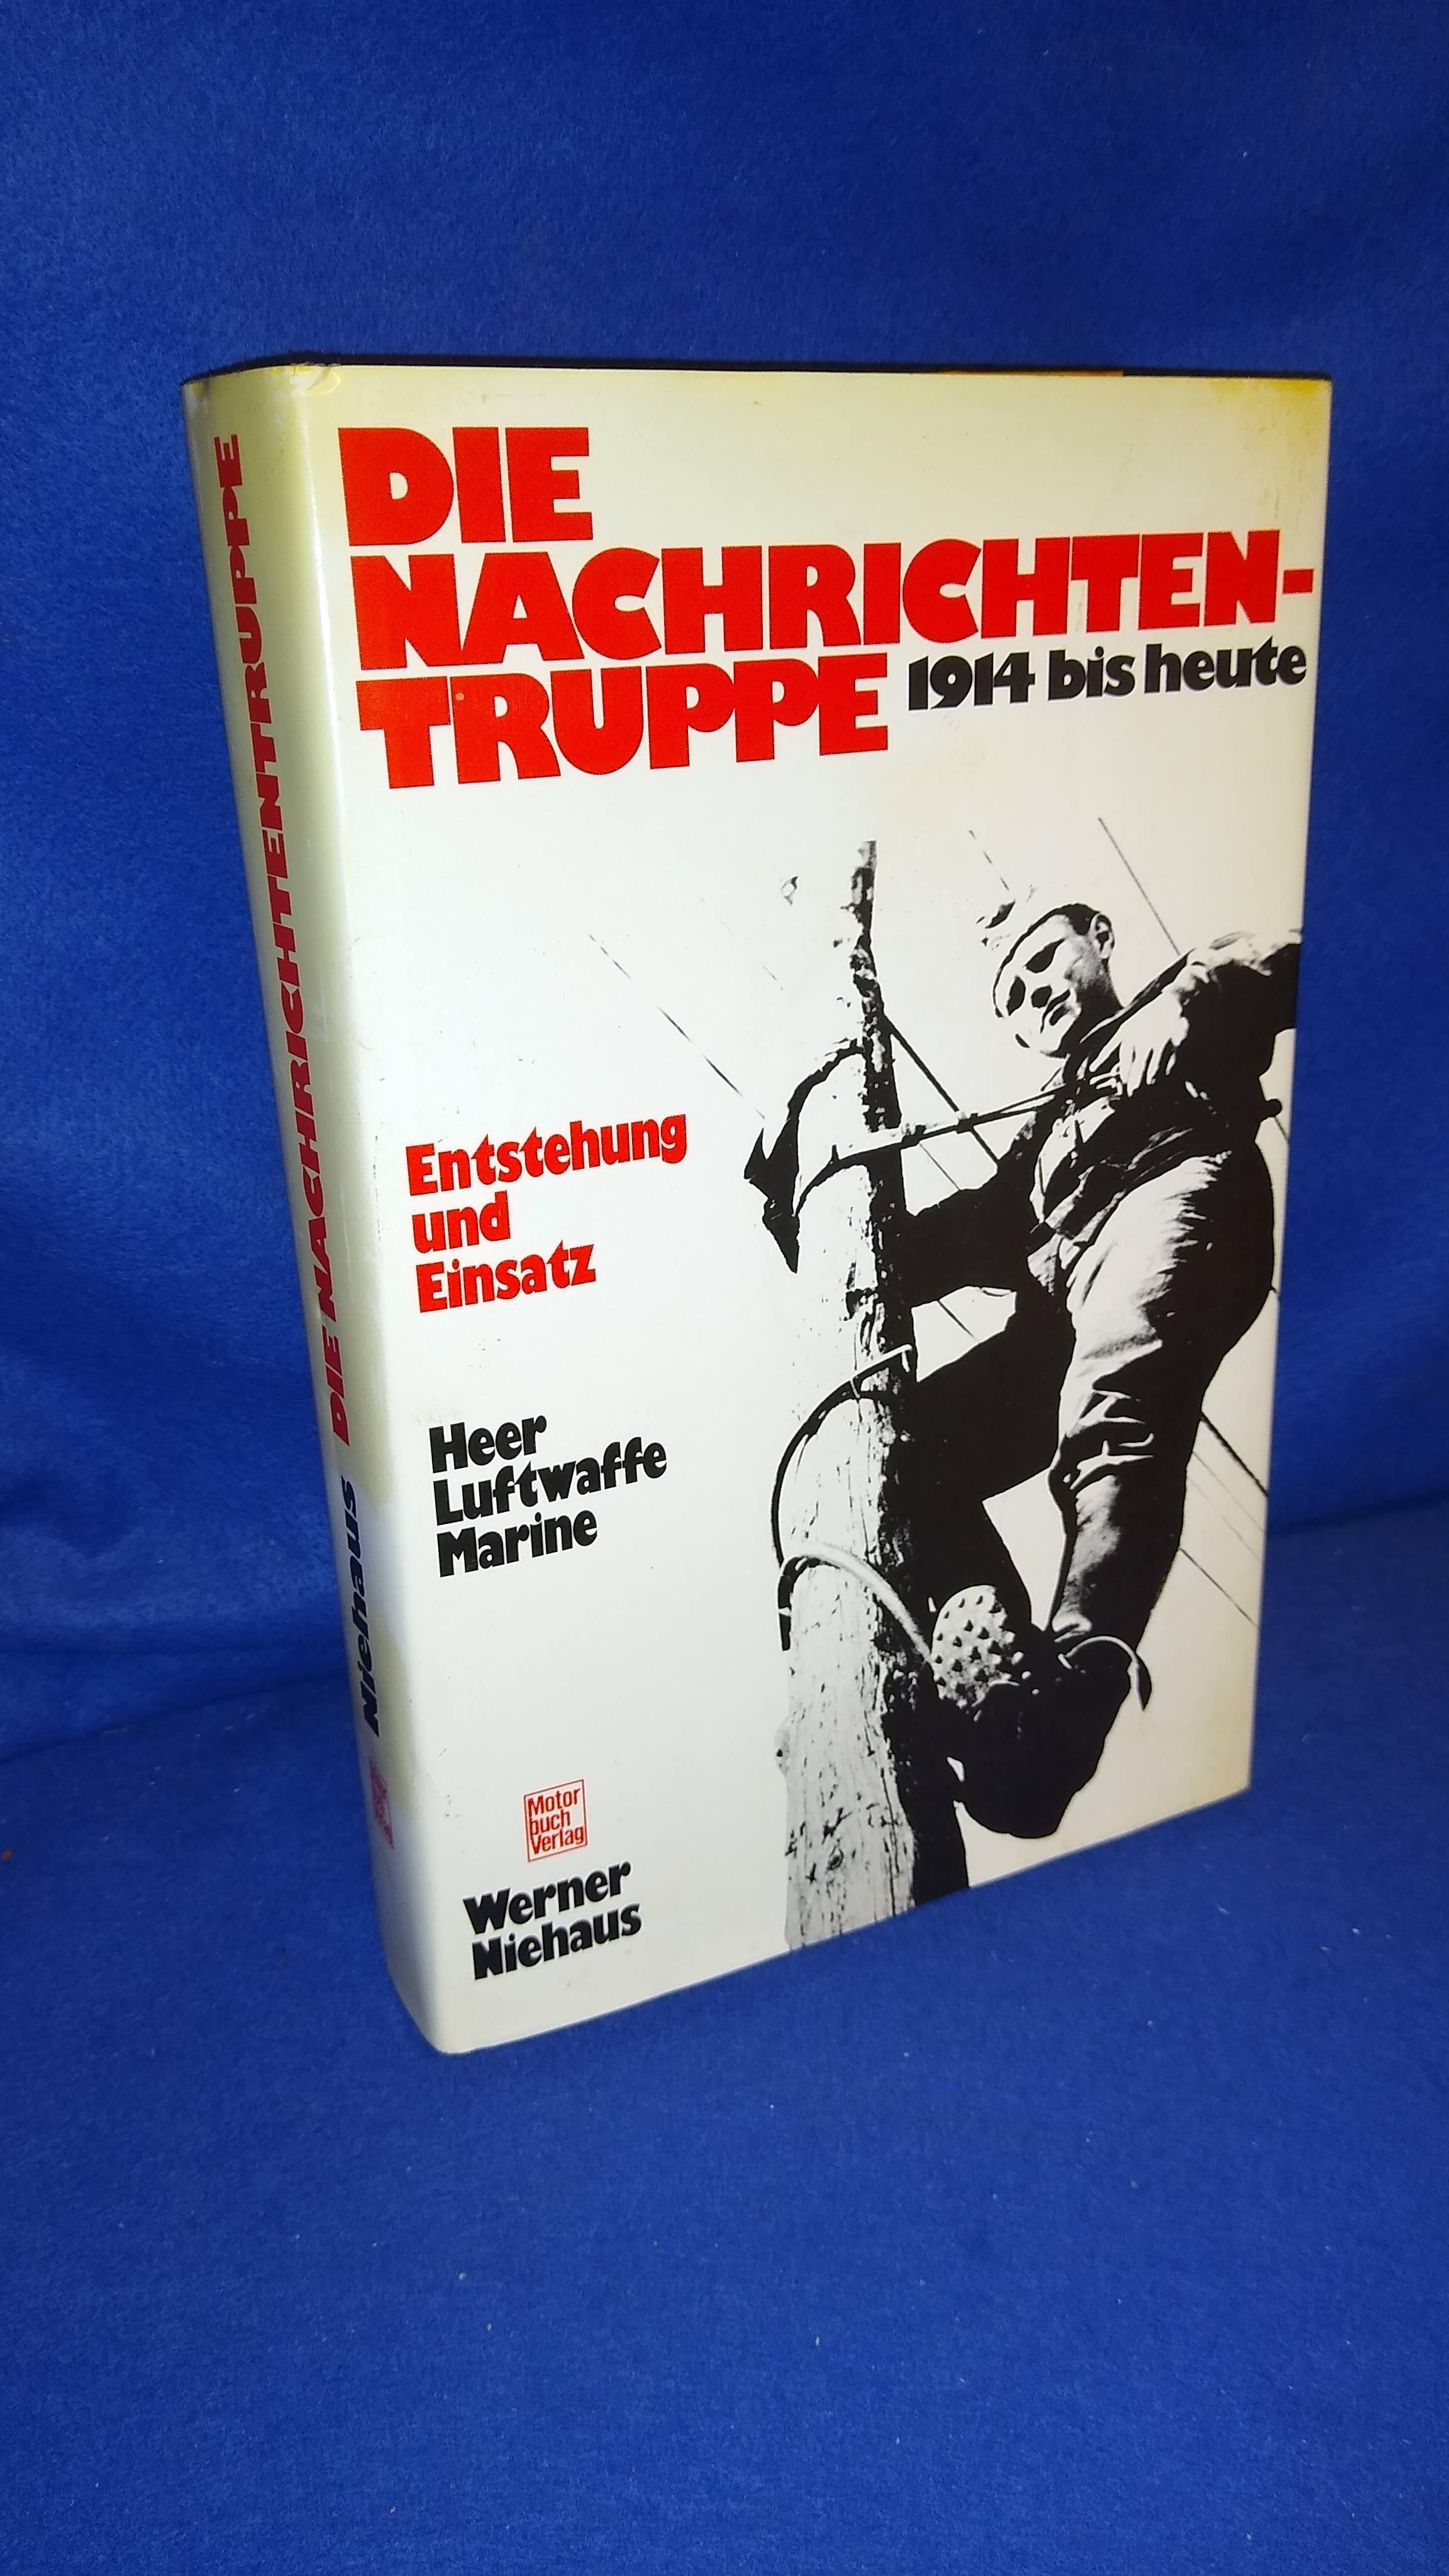 Die Nachrichtentruppe 1914 bis heute. Heer, Luftwaffe, Marine. Entstehung und Einsatz